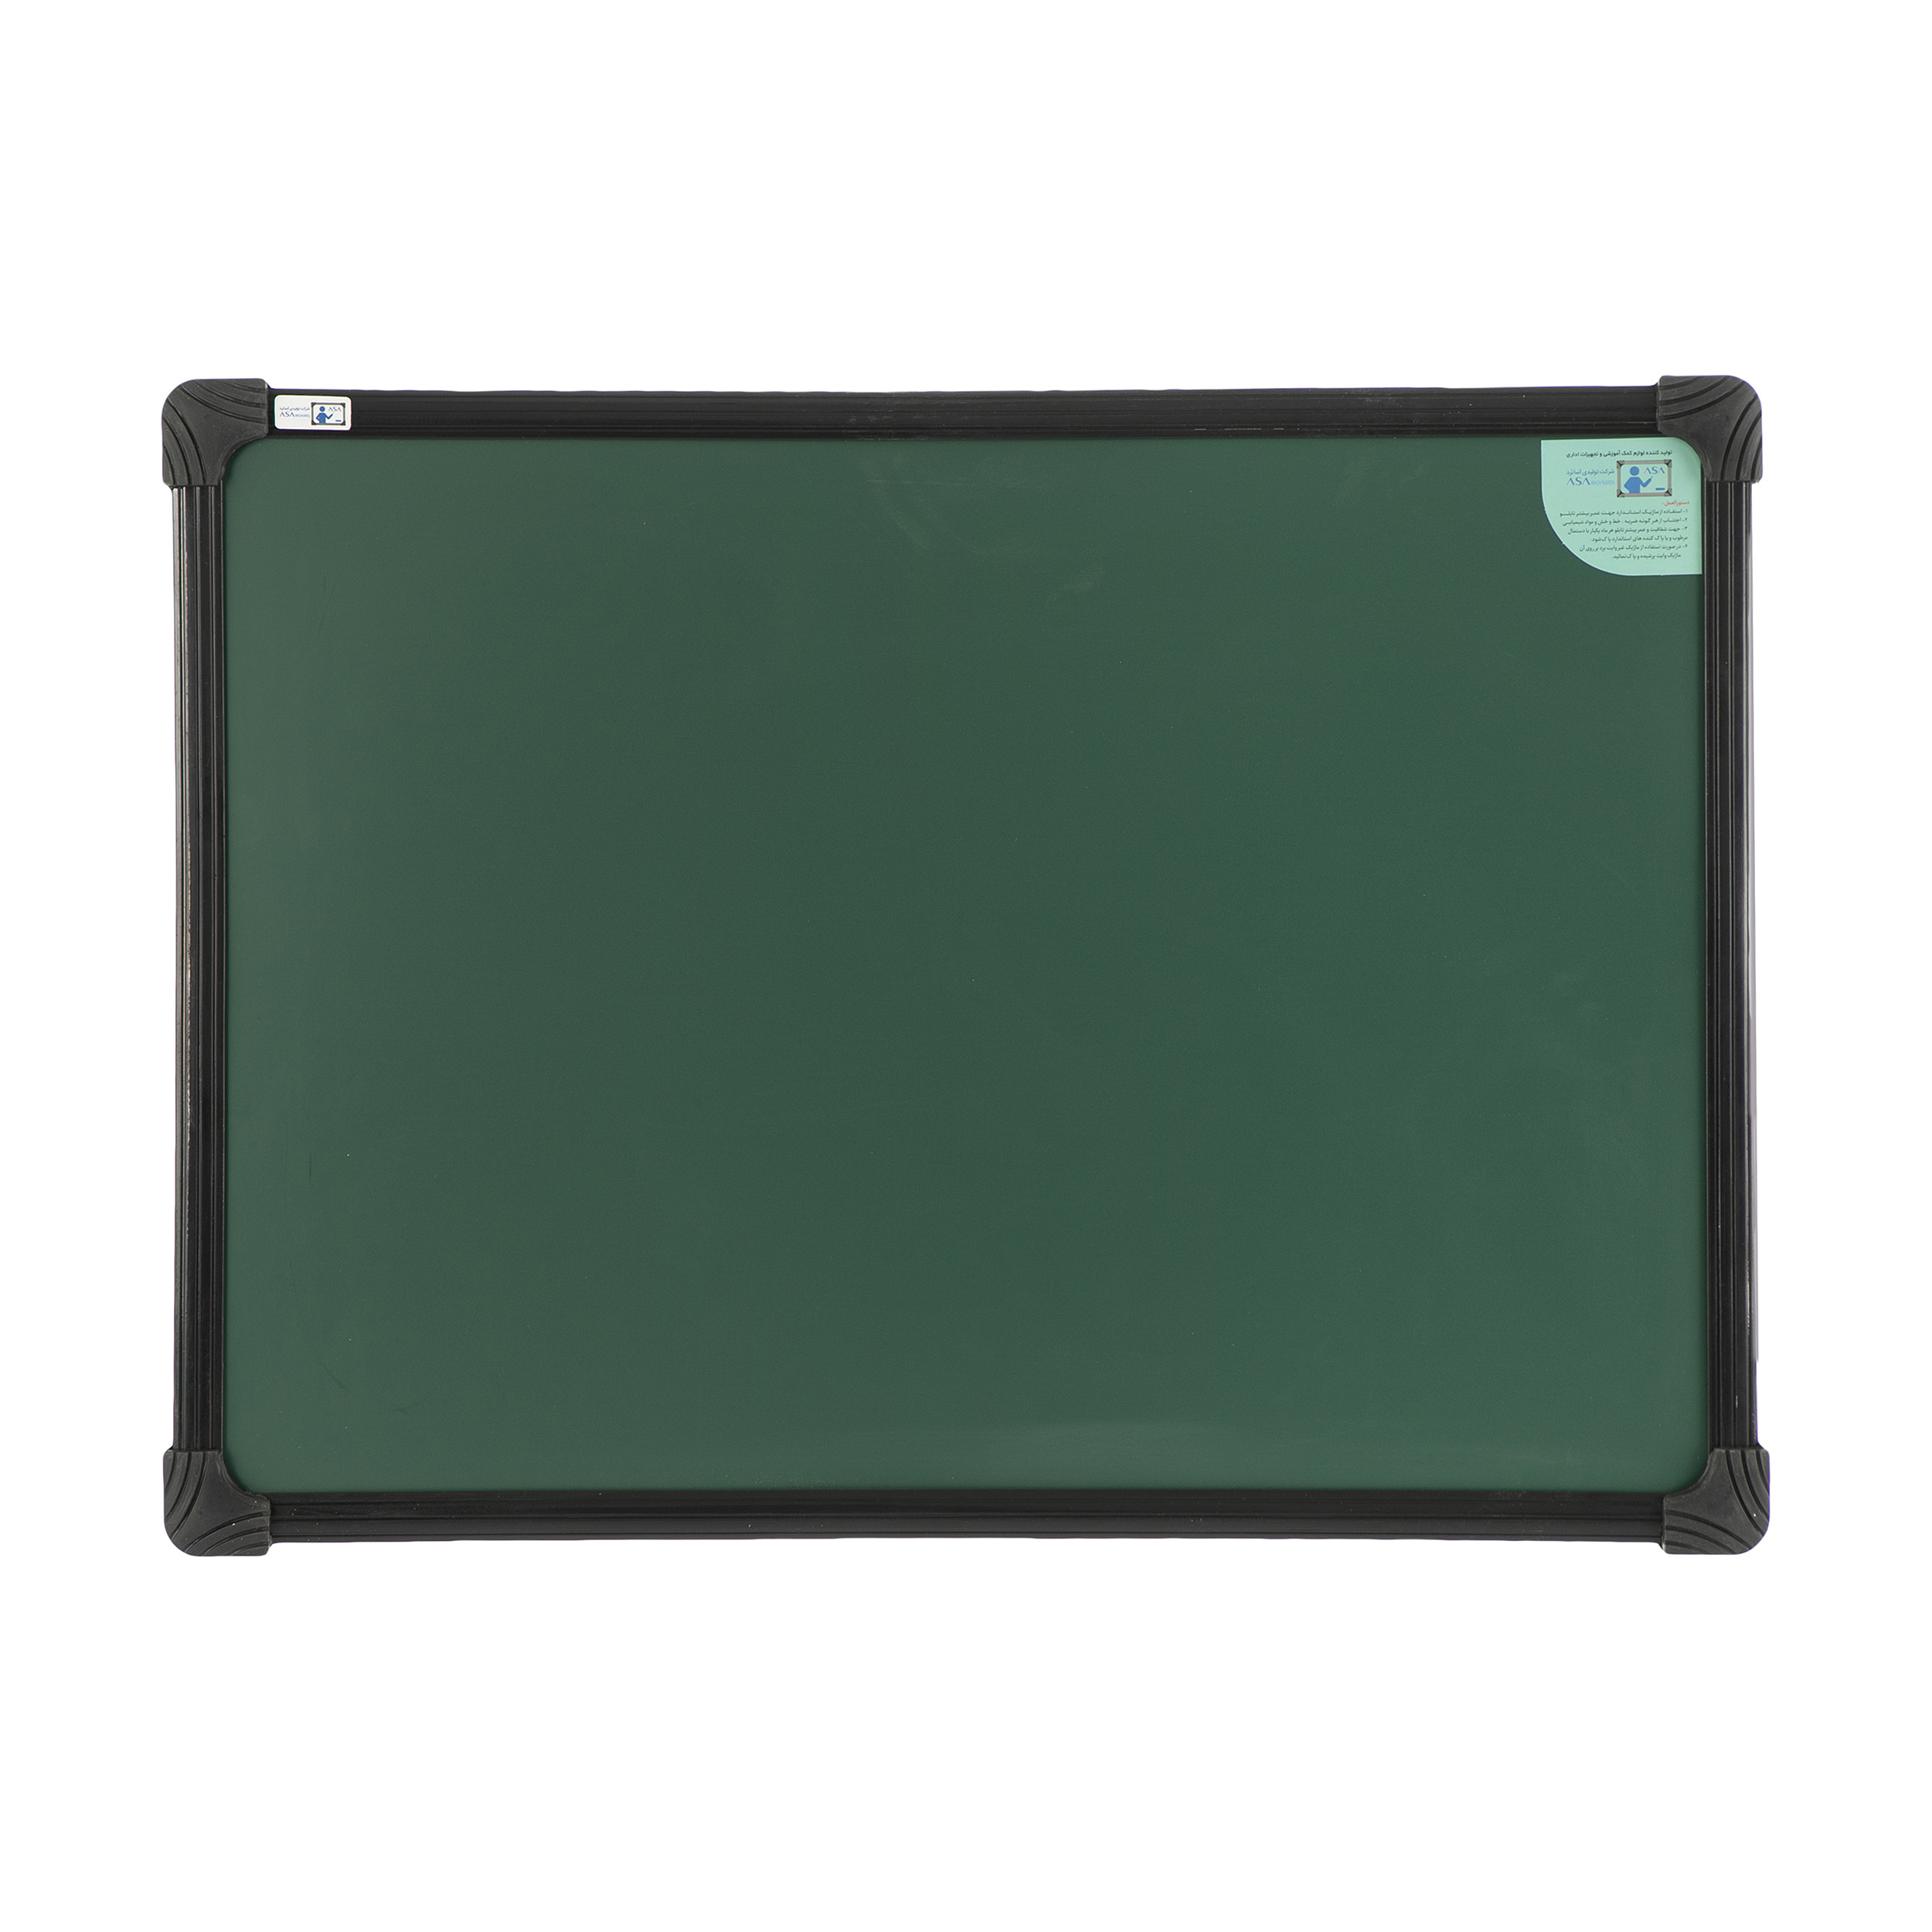 تخته گرین بُرد مغناطیسی سایز 100 × 200 سانتی متر